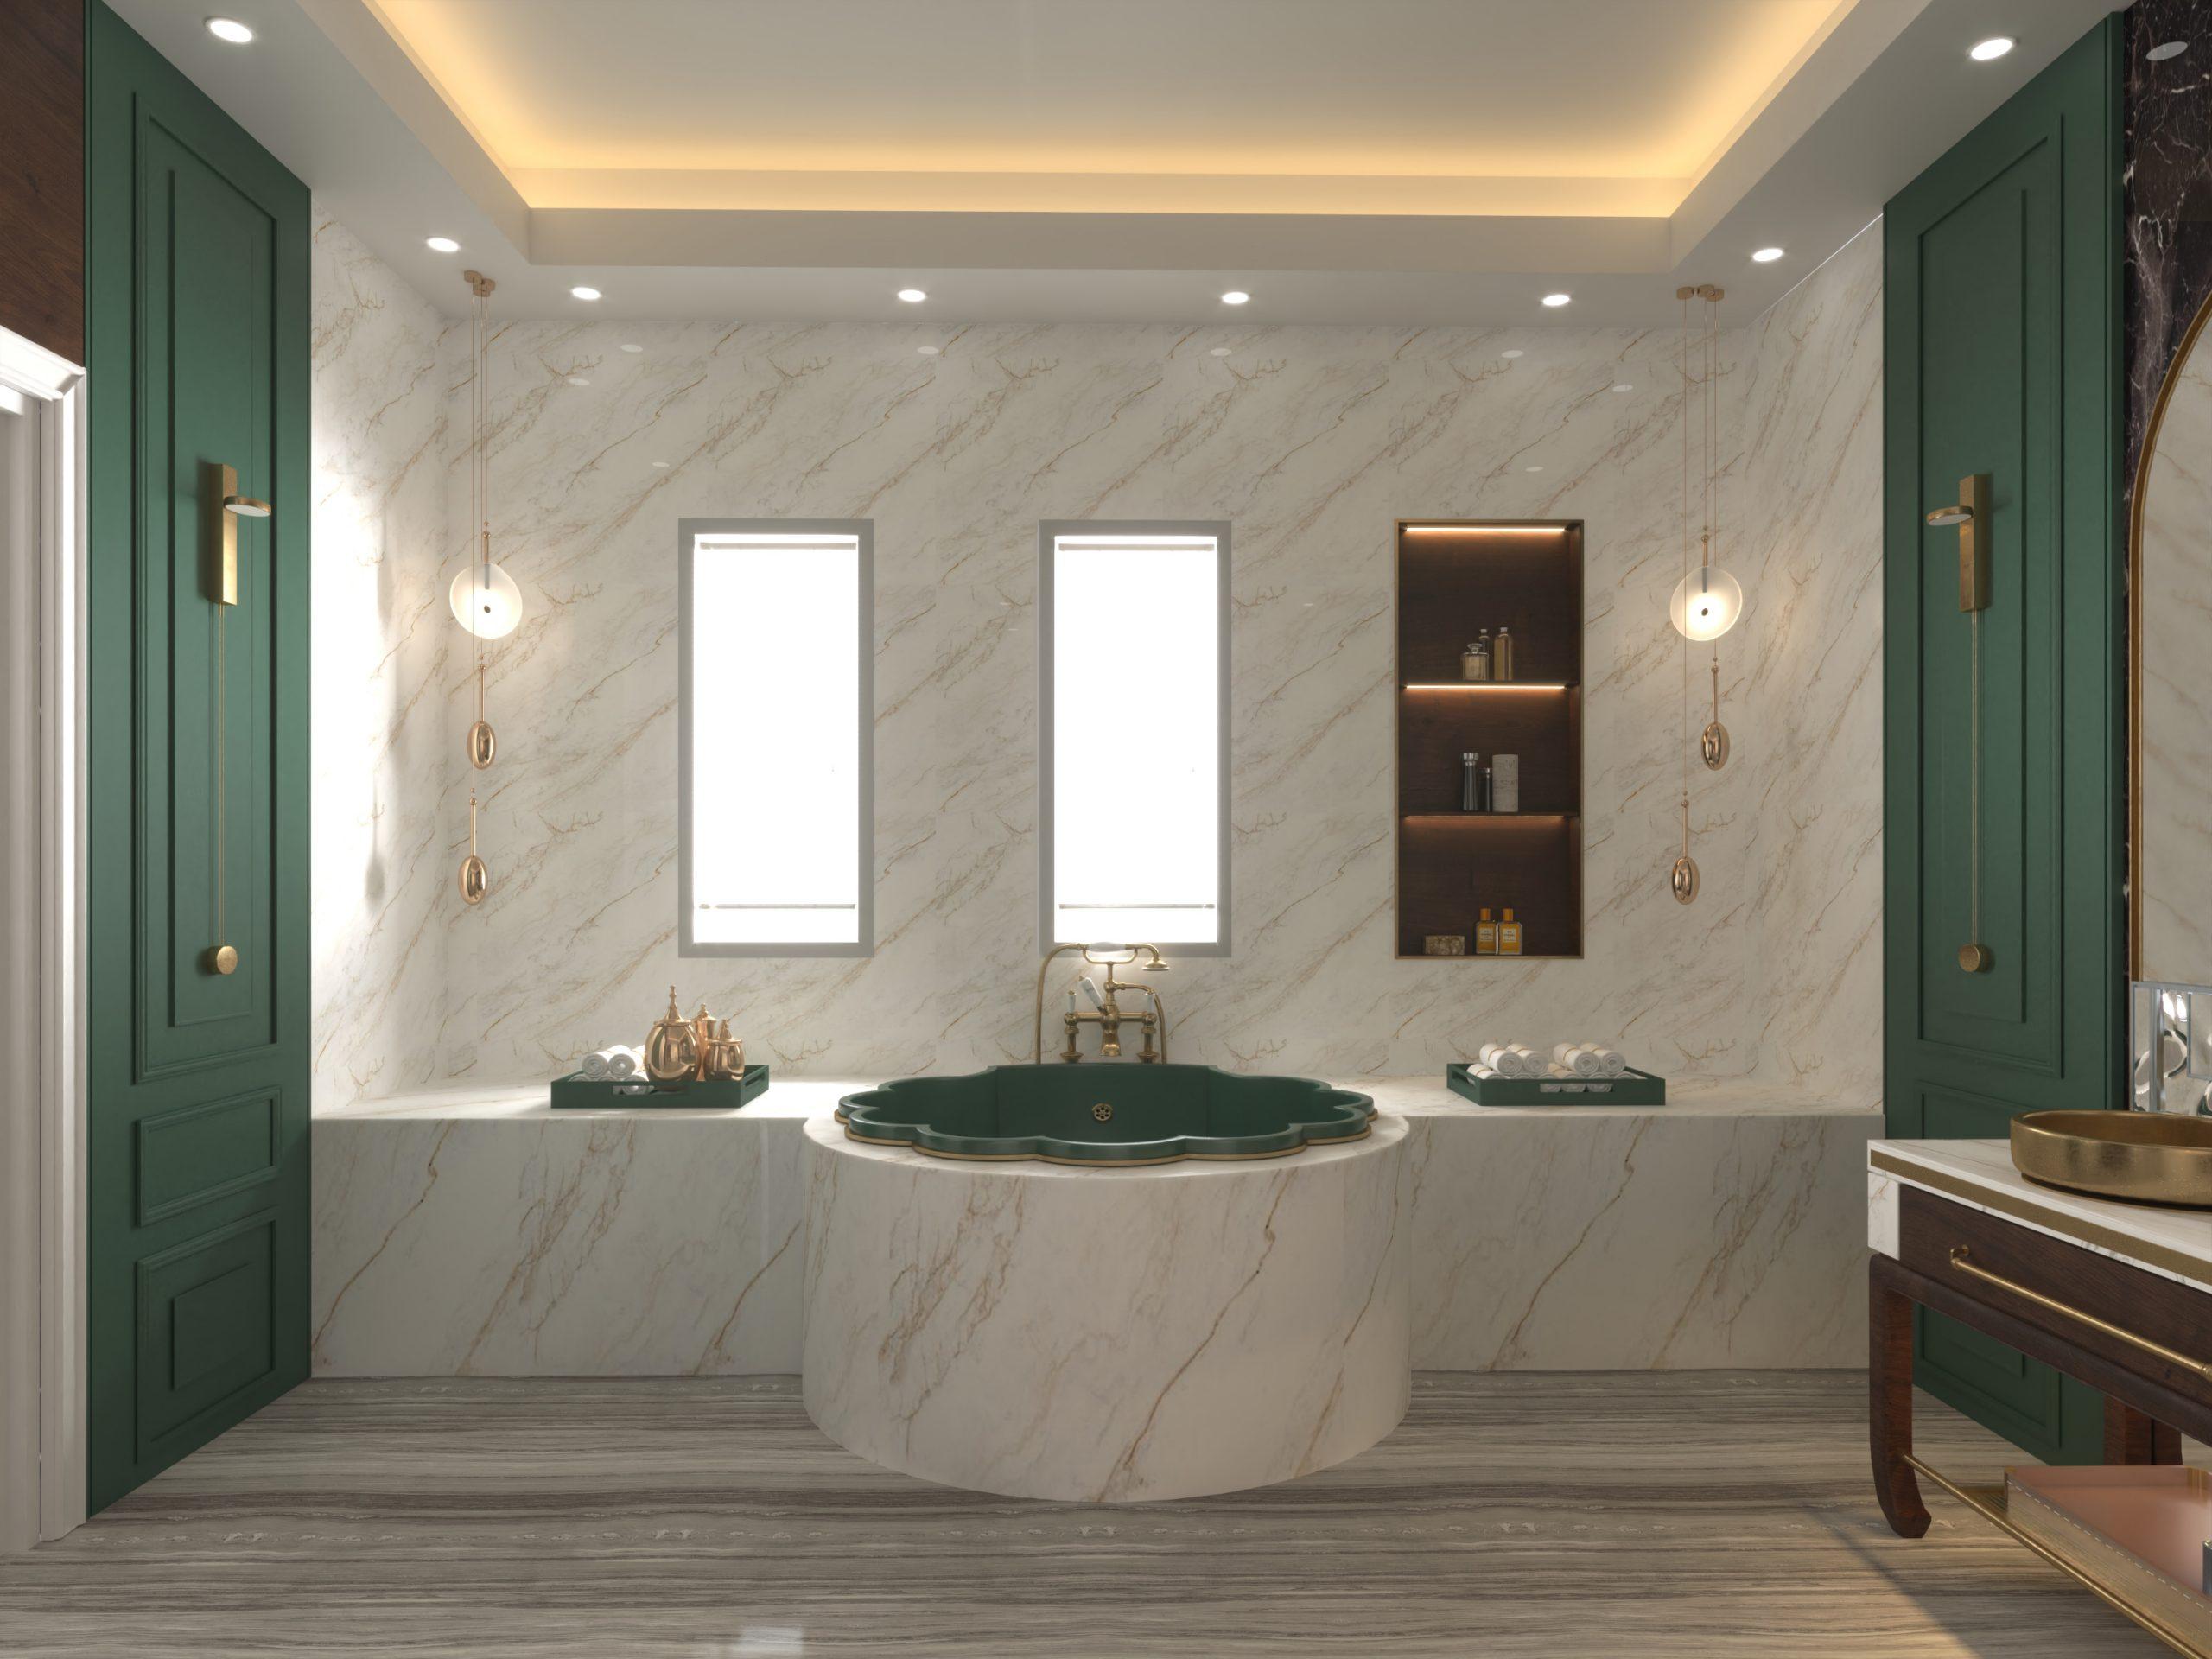 OYSTER SHELL BATH TUB - GREEN - BIG BATHROOM